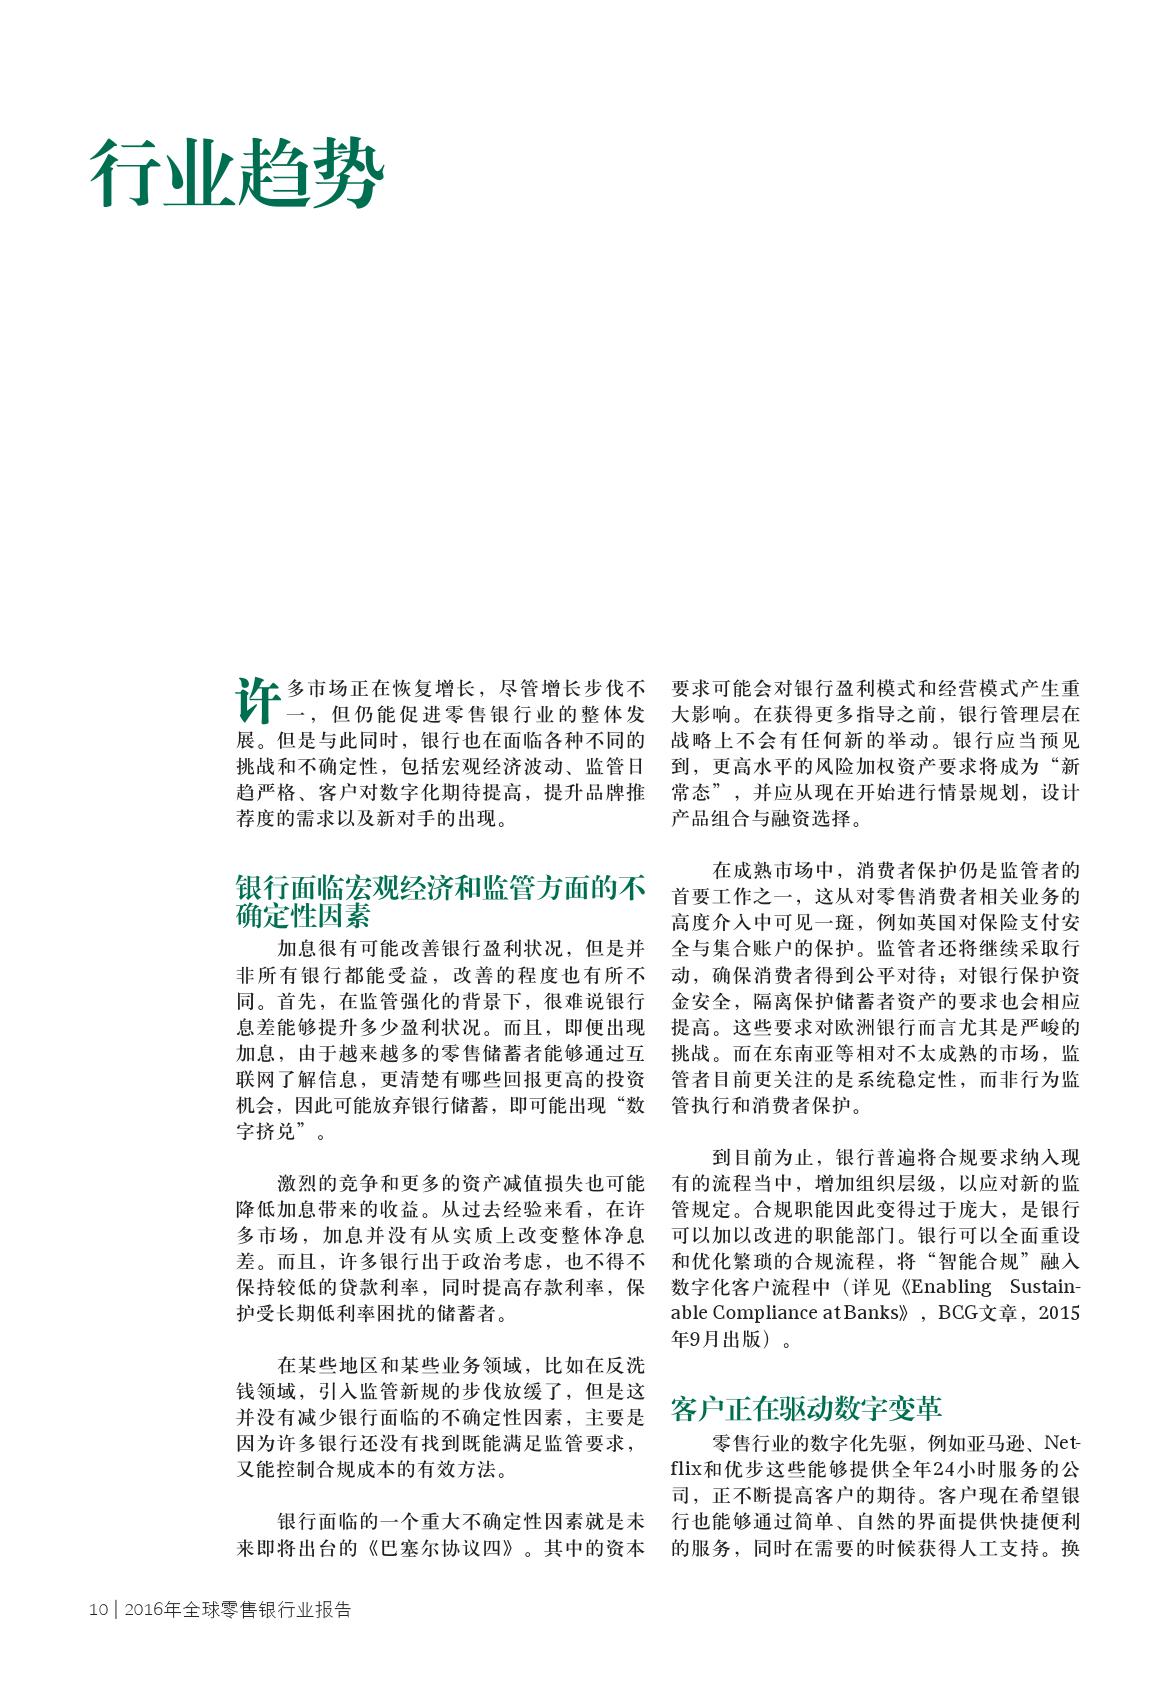 2016年全球零售银行业报告_000012